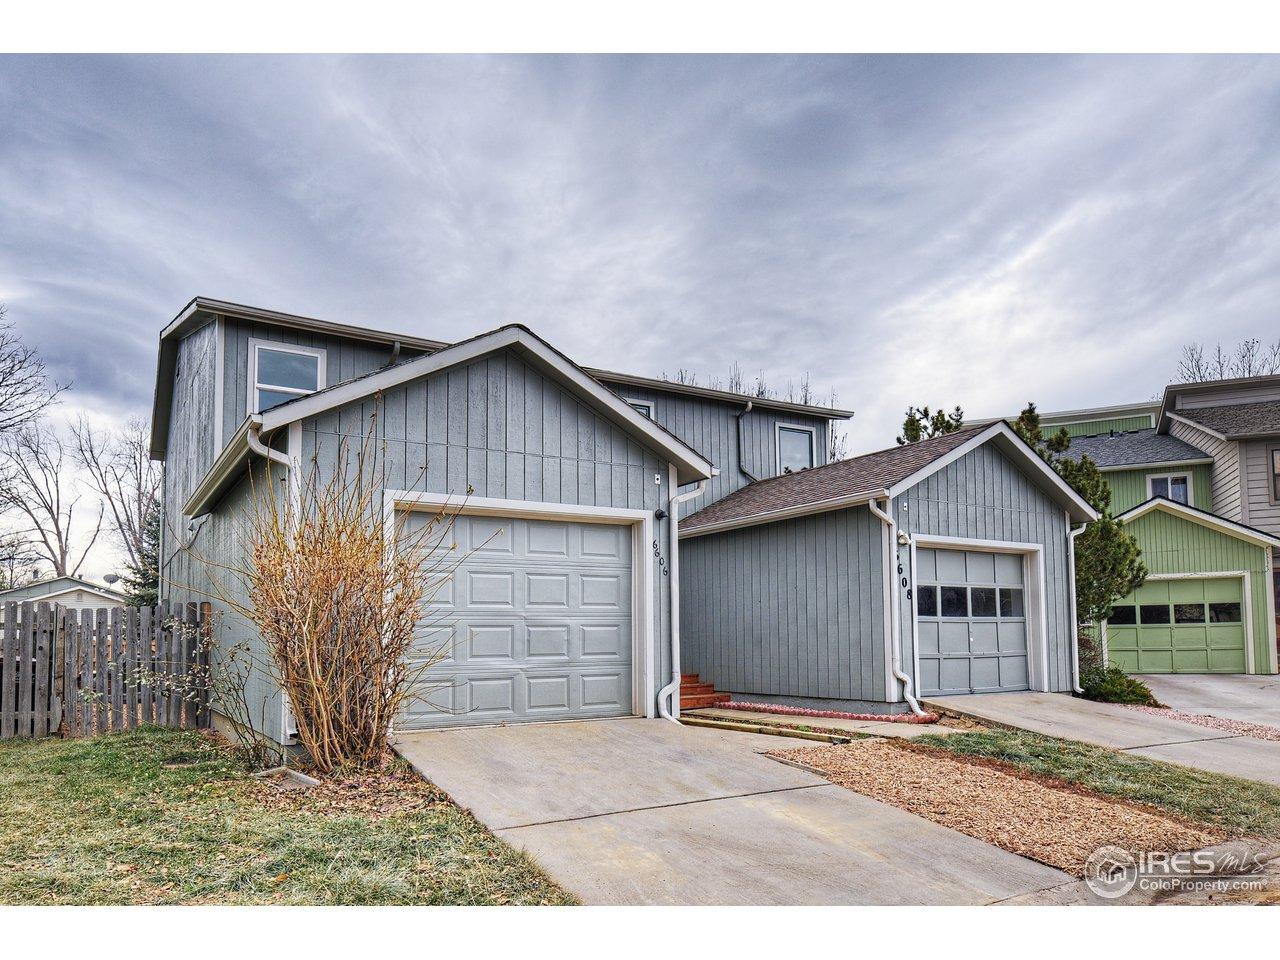 6606 Kalua Rd, Boulder CO 80301